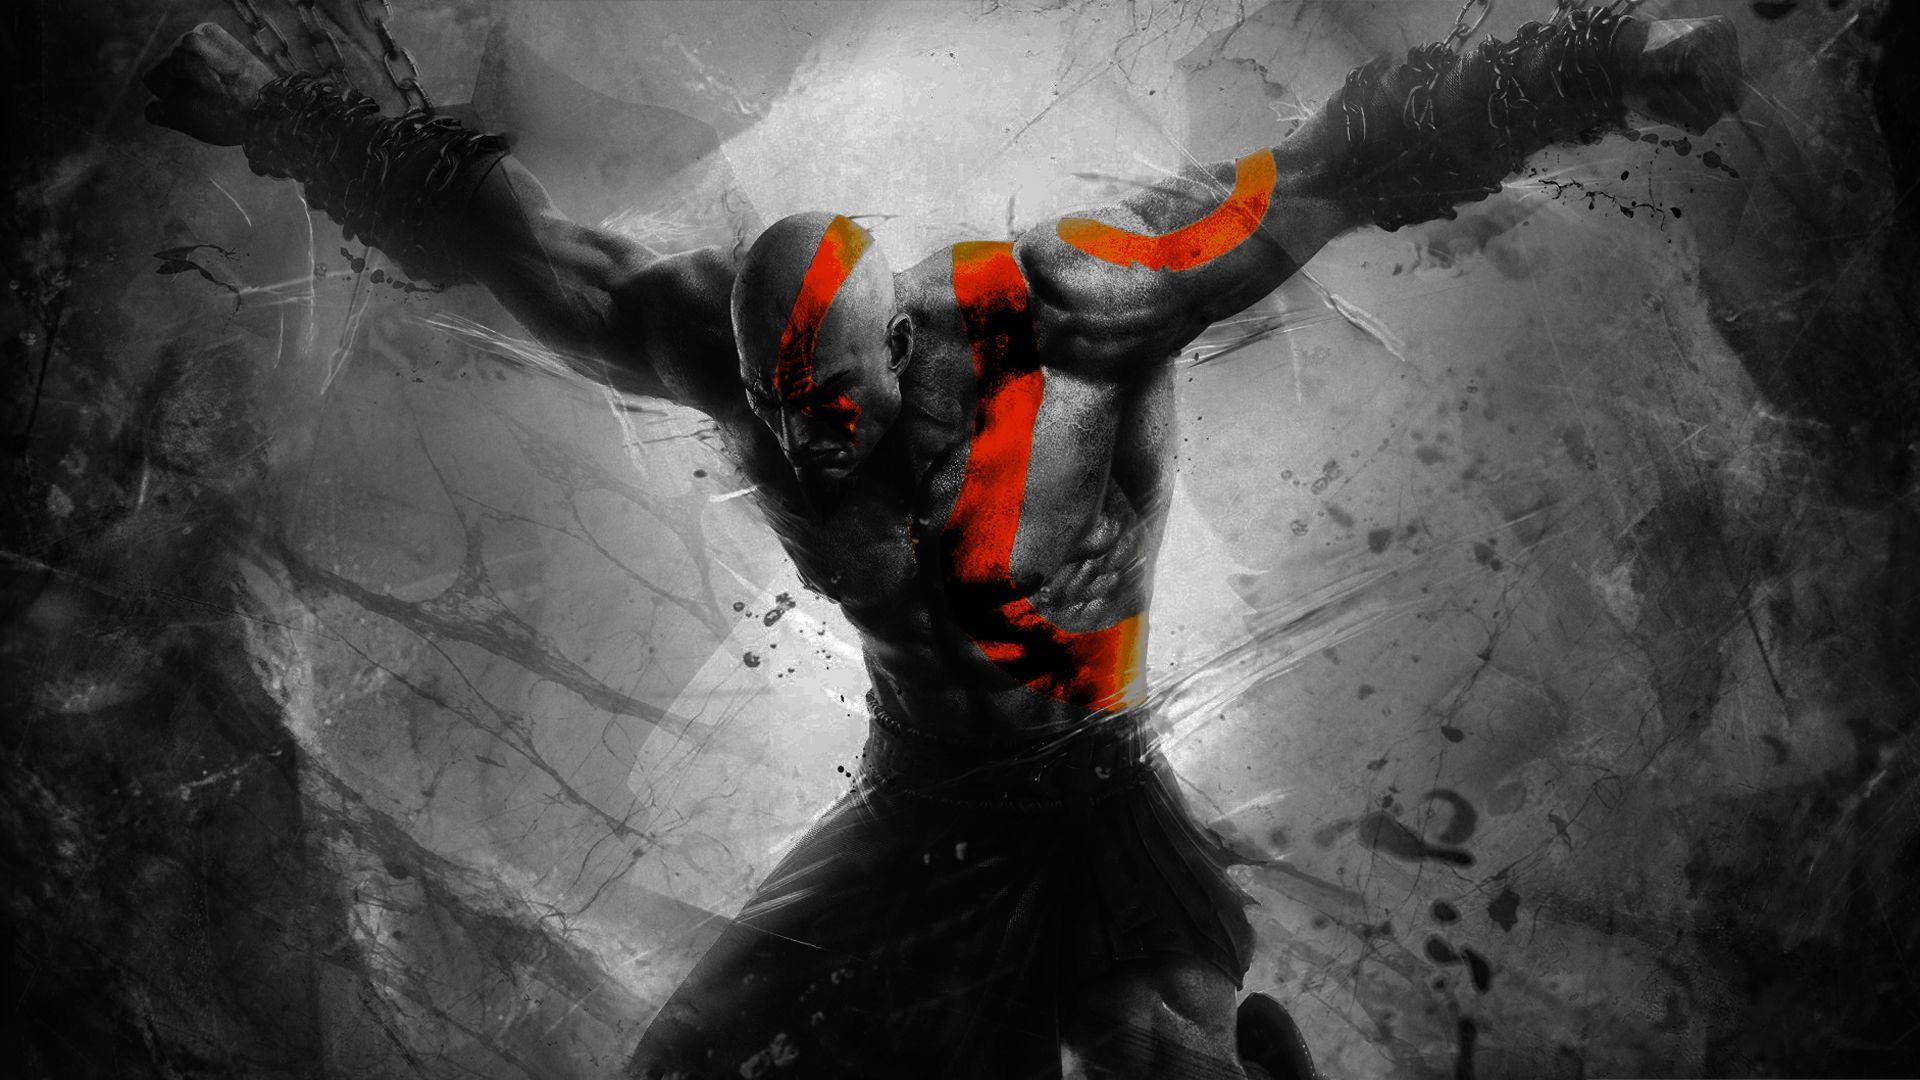 Video Game God Of War Ascension Wallpaper Fondo De Pantalla De